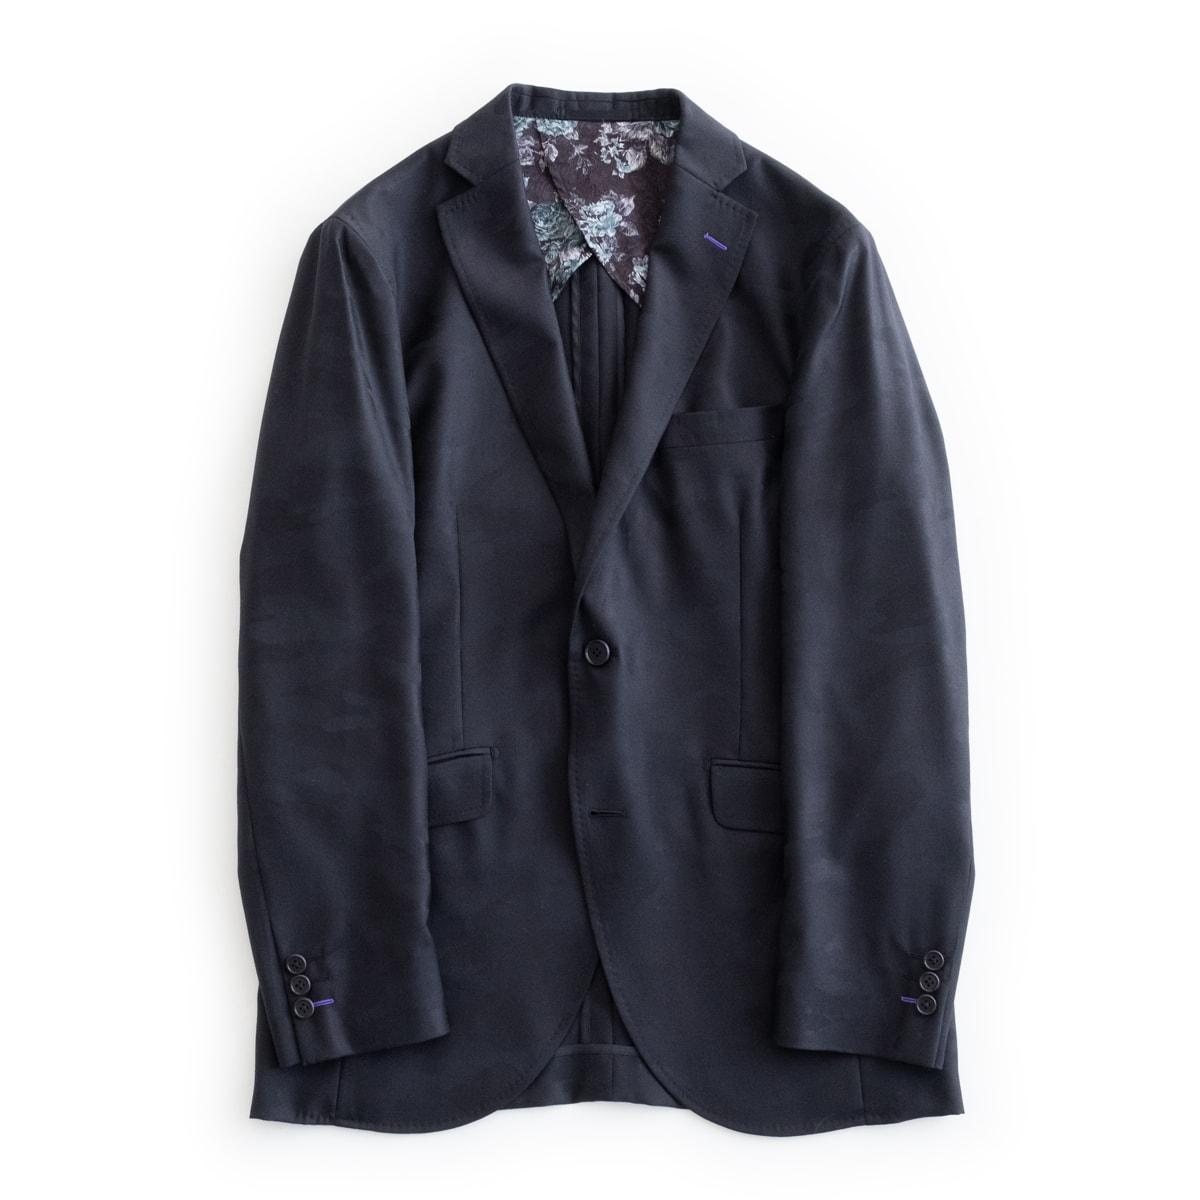 メンズファッション, コート・ジャケット FEEL EASY ORIGINAL SHADOW CAMOUFLAGE SILK JACKET (Black) FE-JK-7109